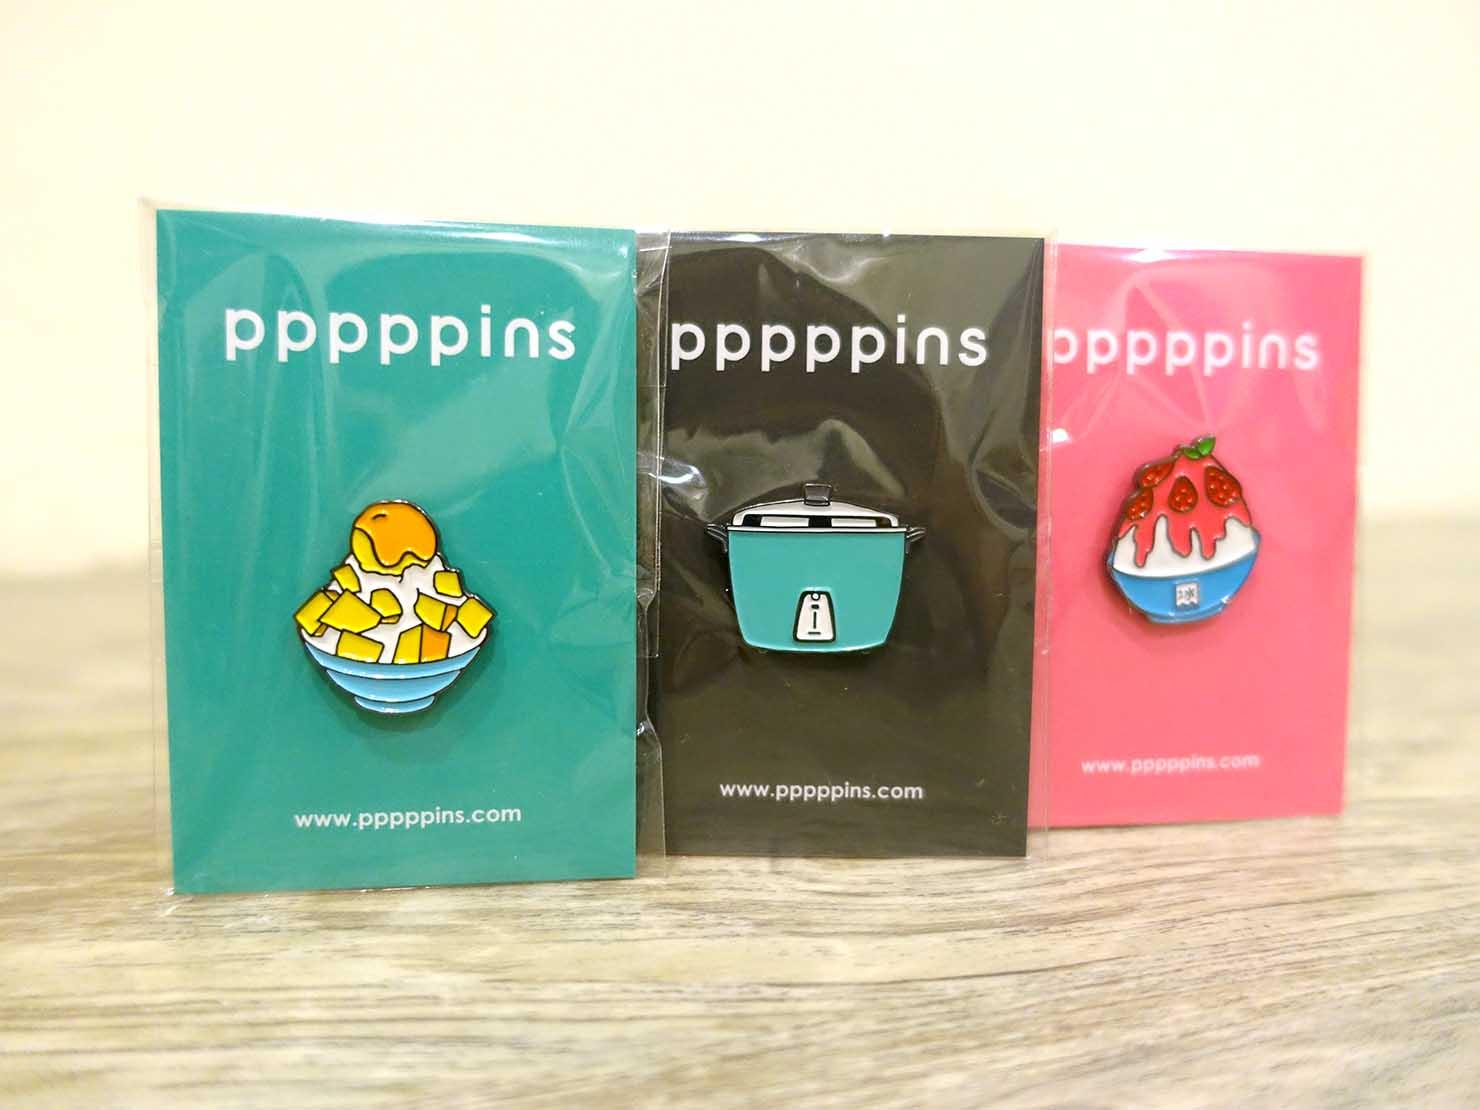 台北おみやげにおすすめのピンバッジブランド・pppppinsのピンバッジたち